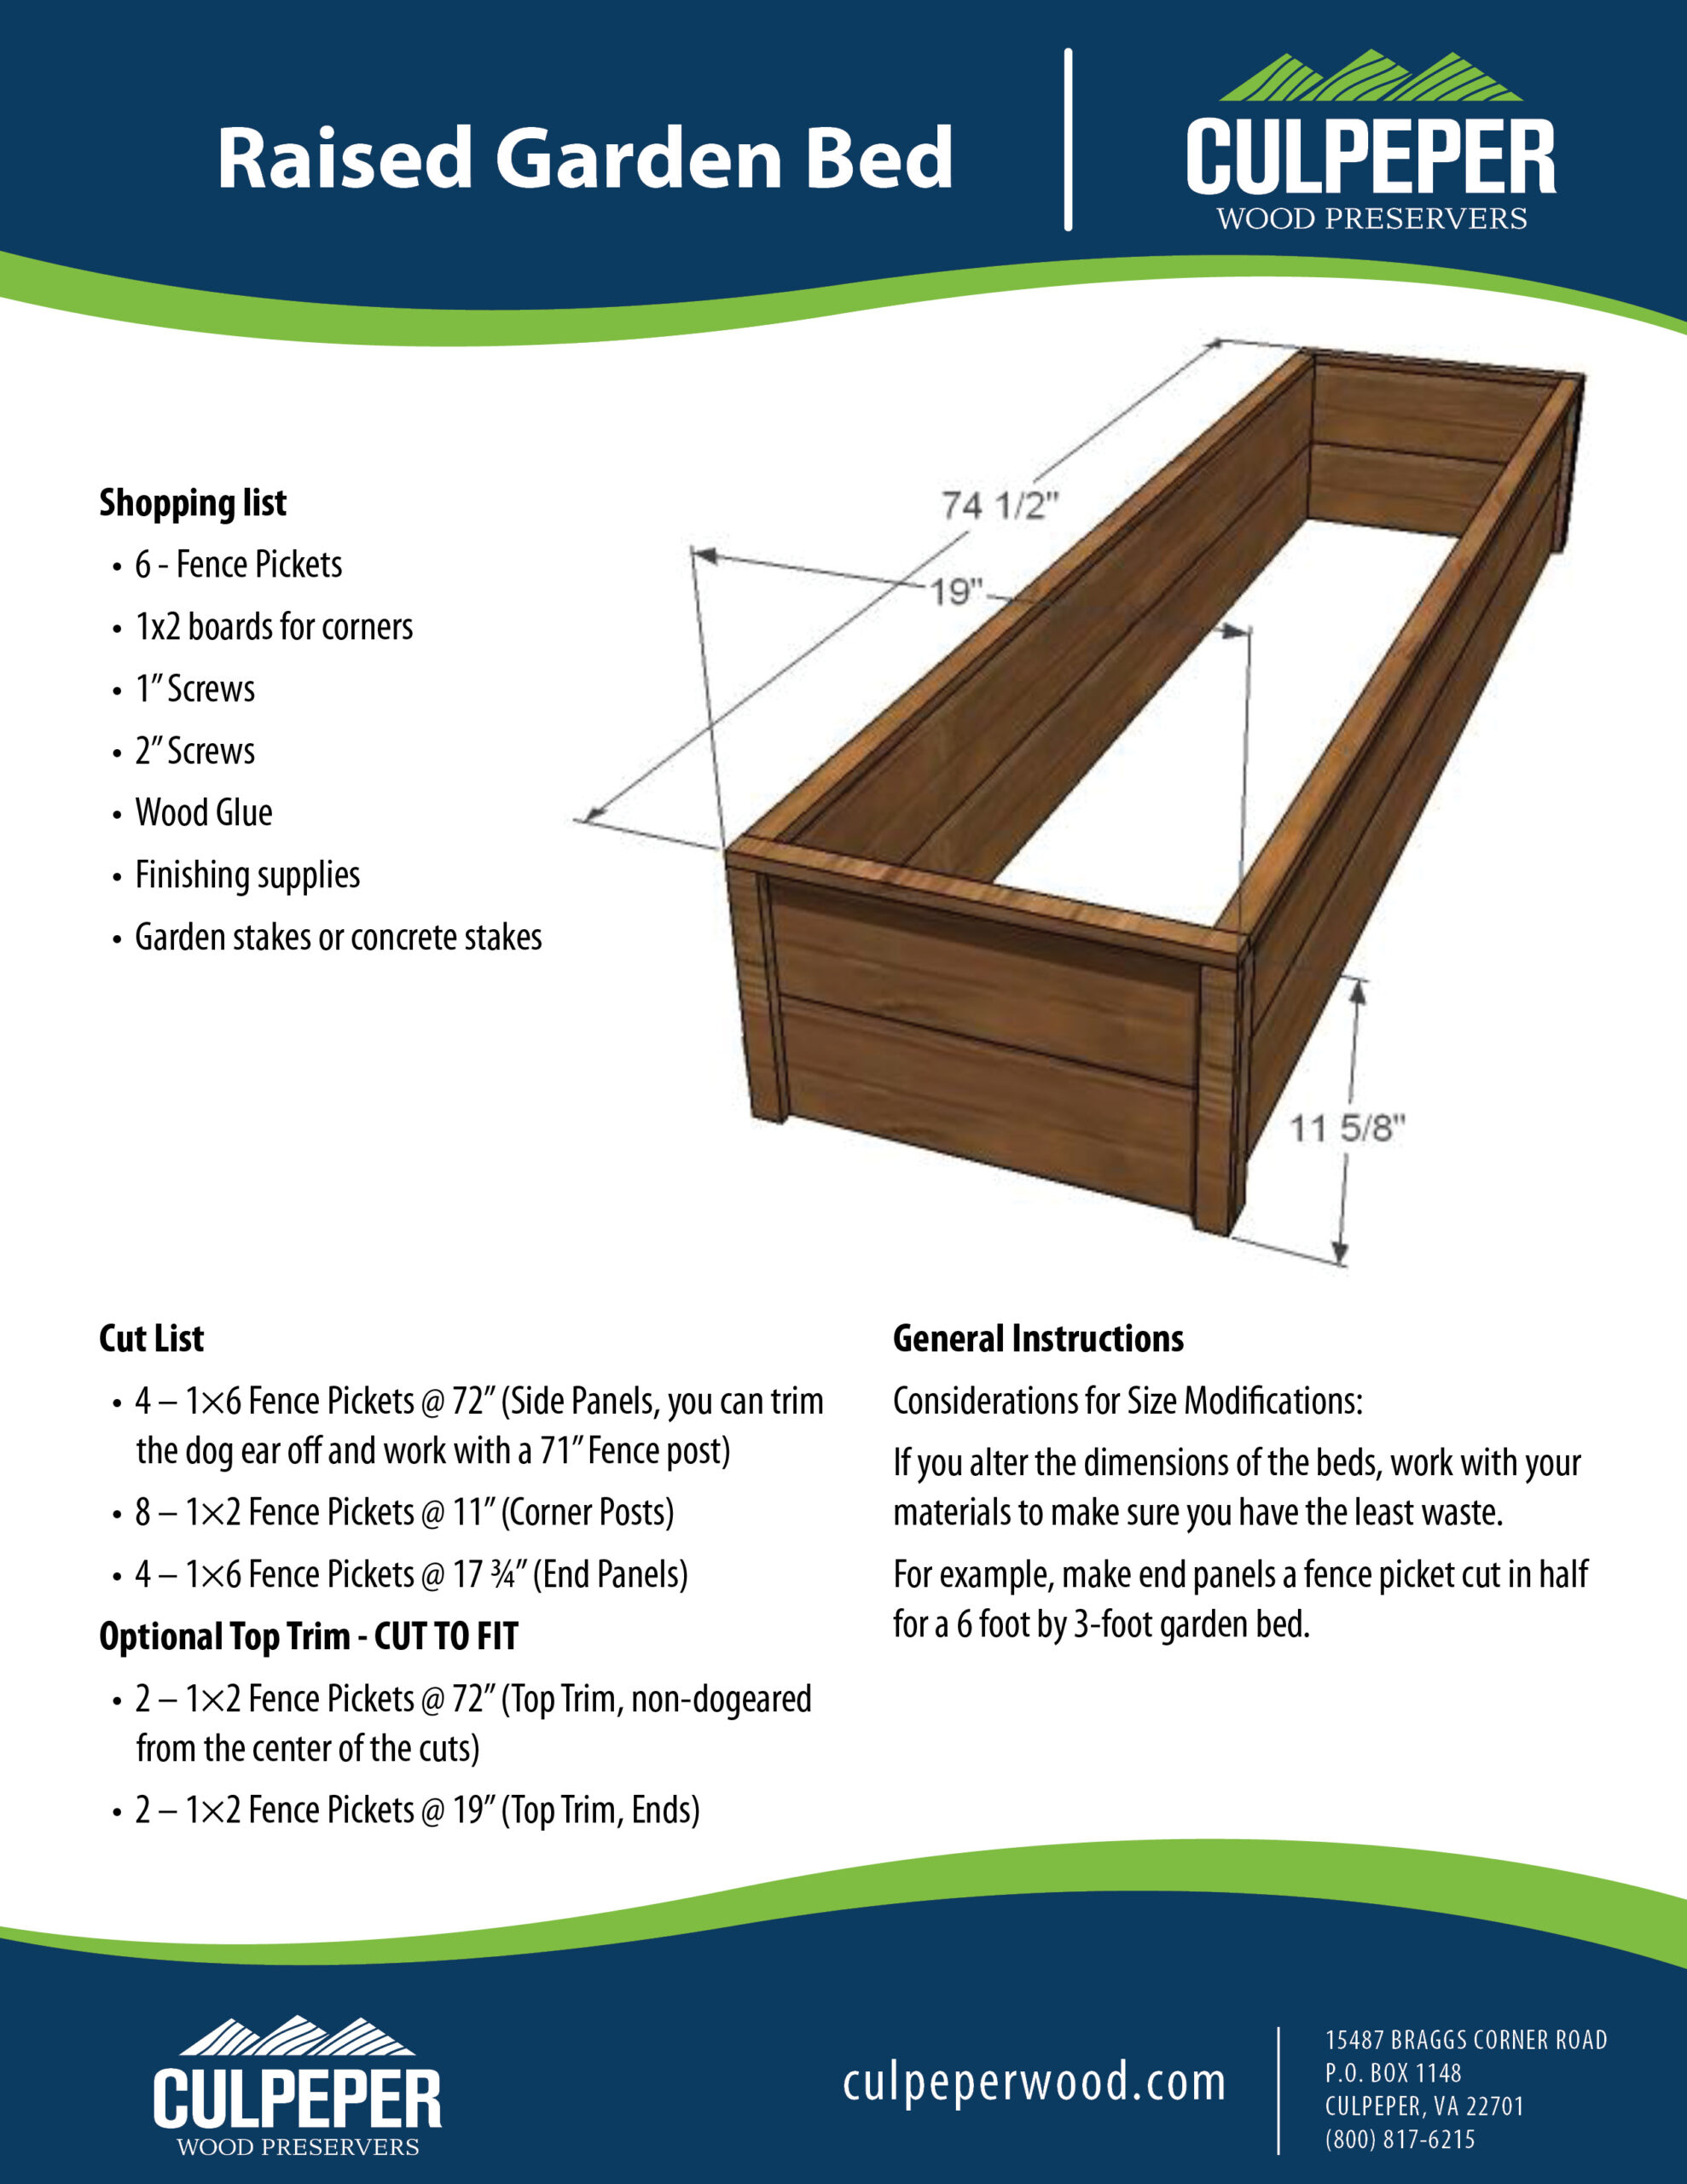 Raised Garden Bed KK050520